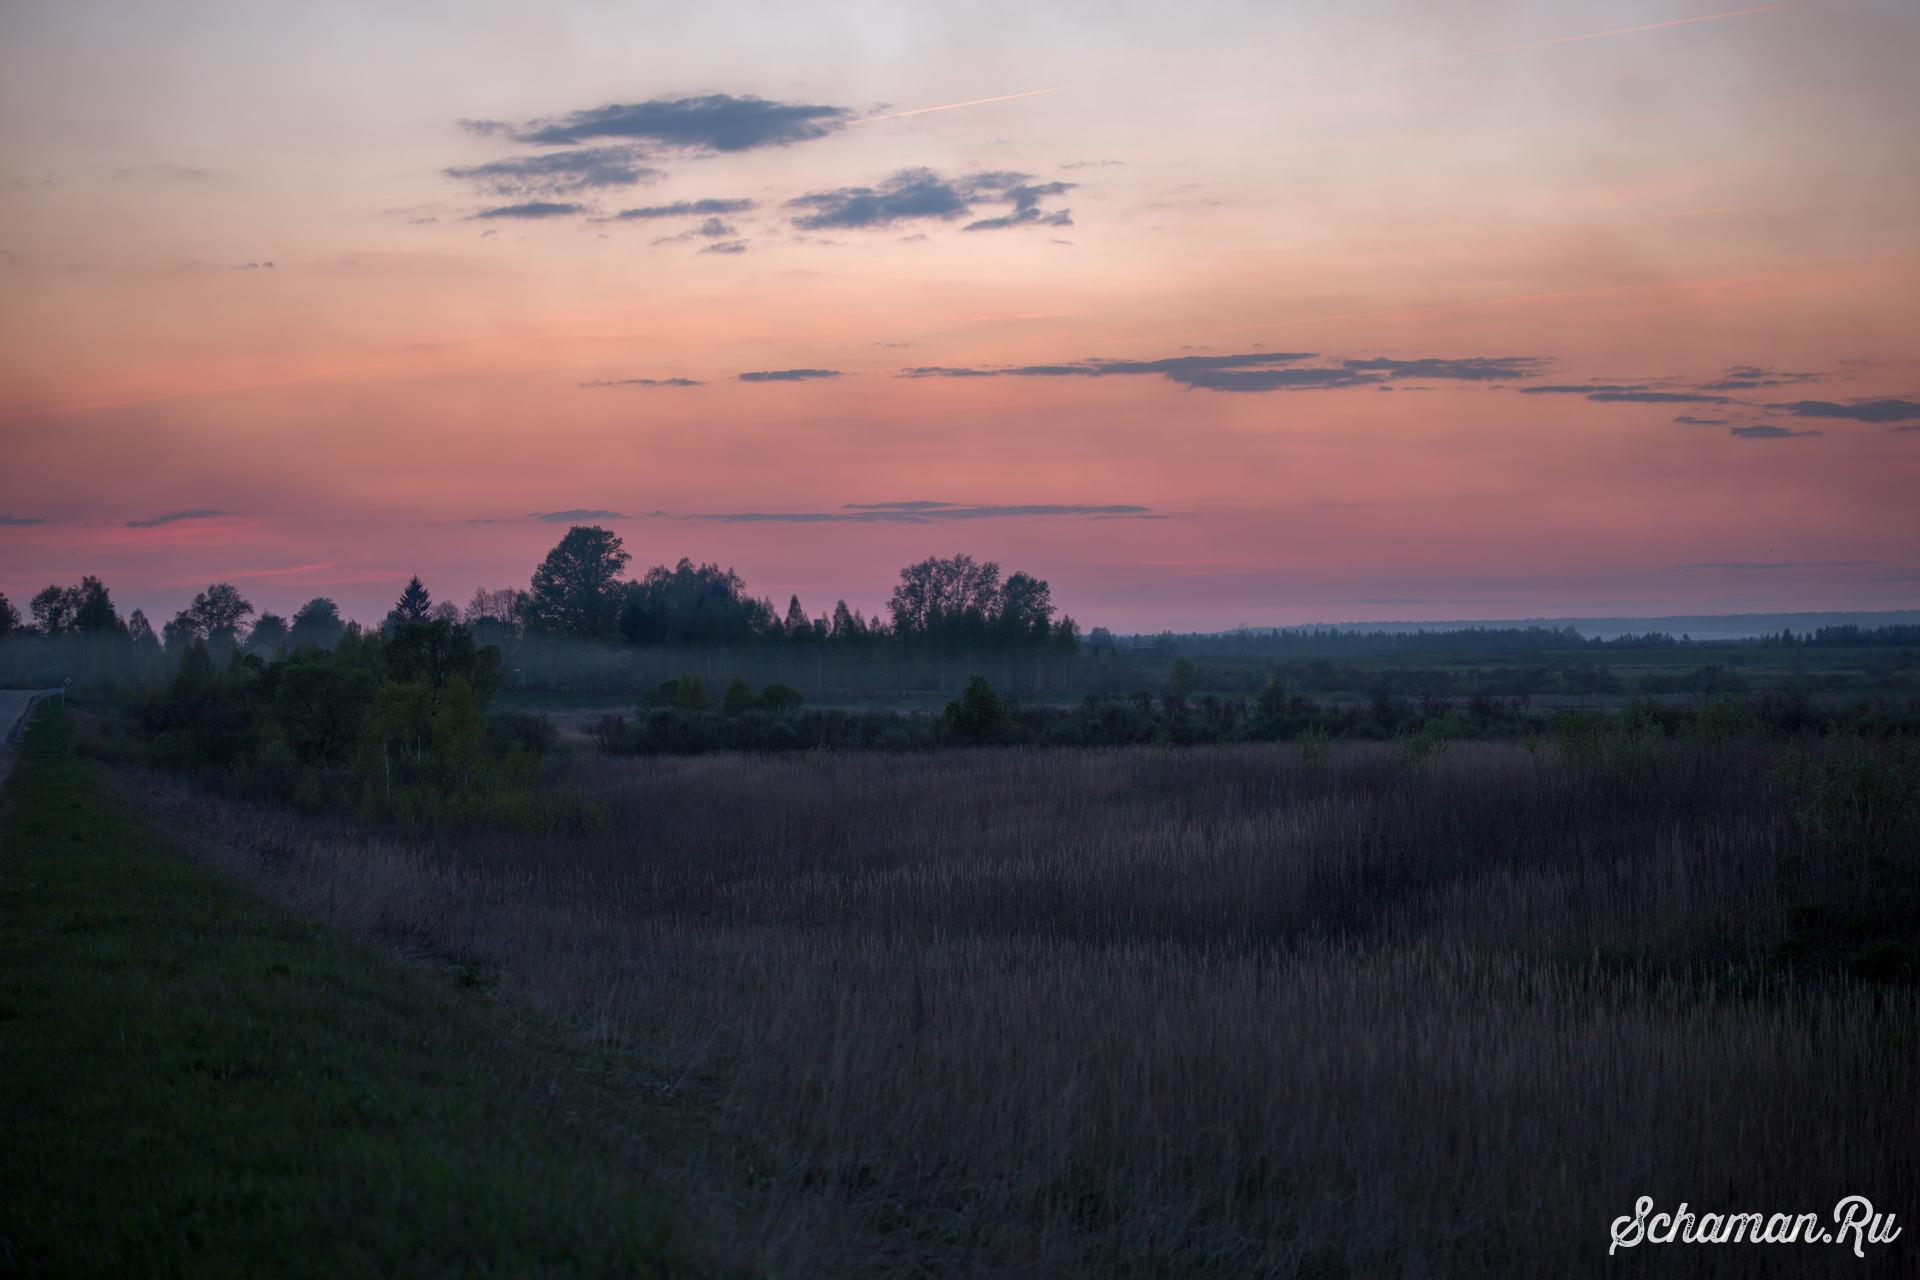 Дорогобуж, Смоленская область